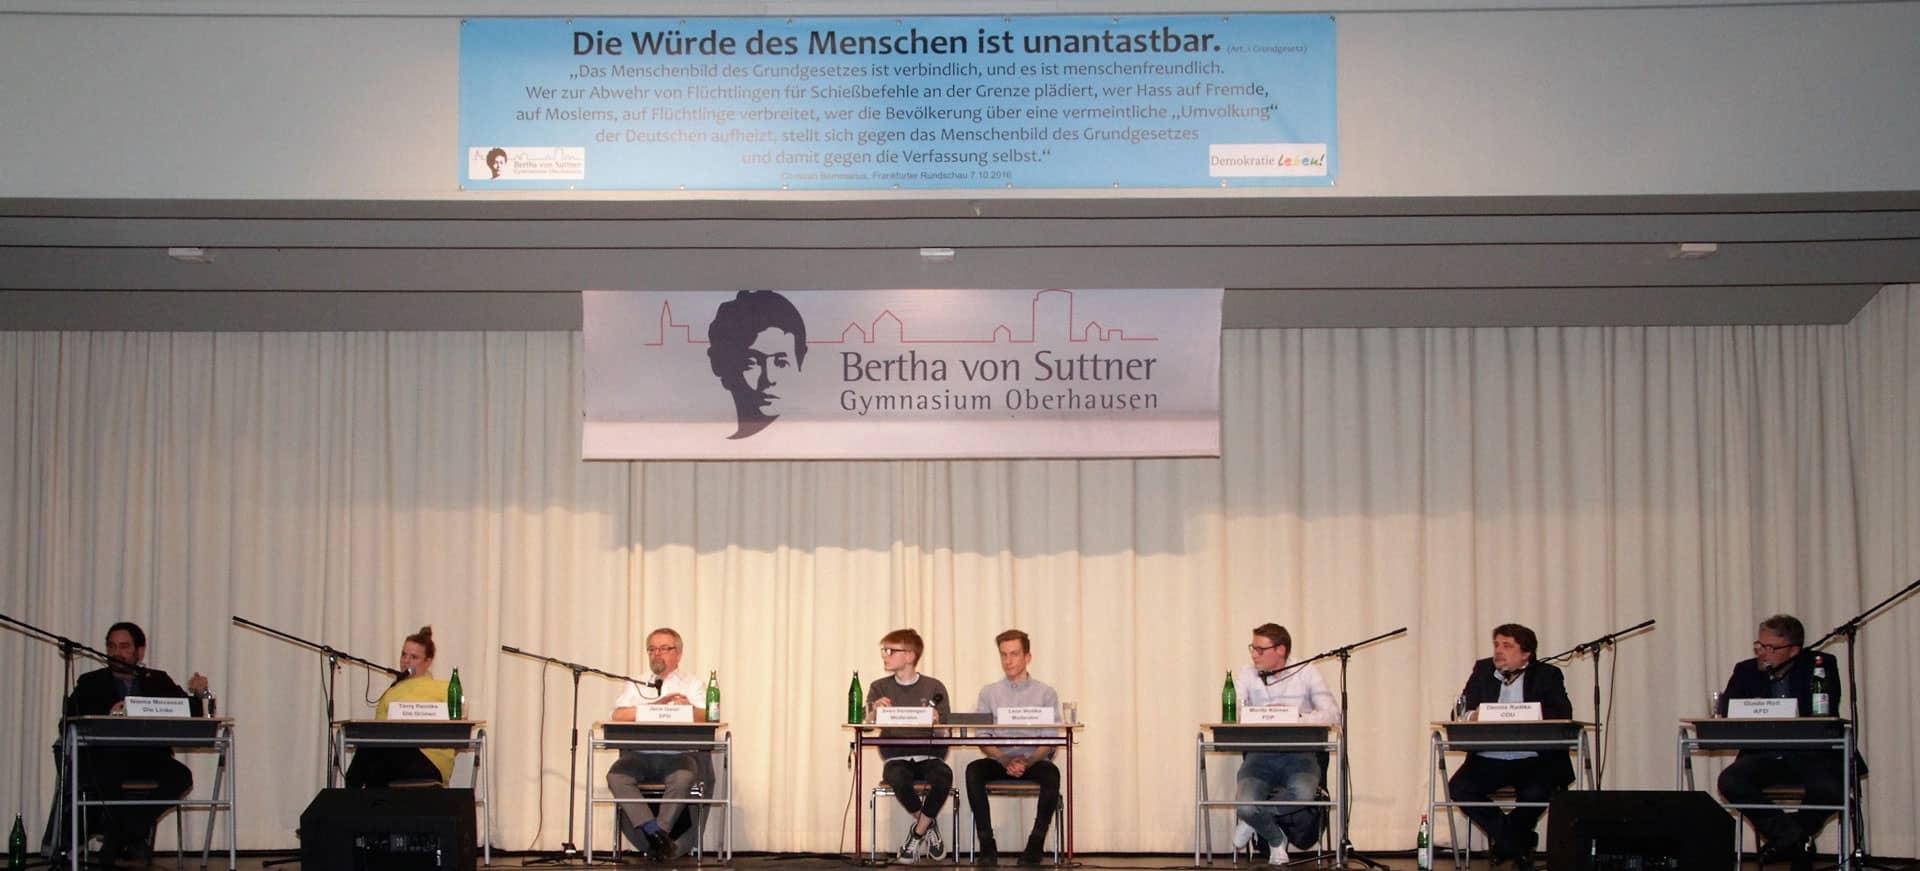 Auf einer Bühne sitzen 8 Leute (c) Conrad Bornemann